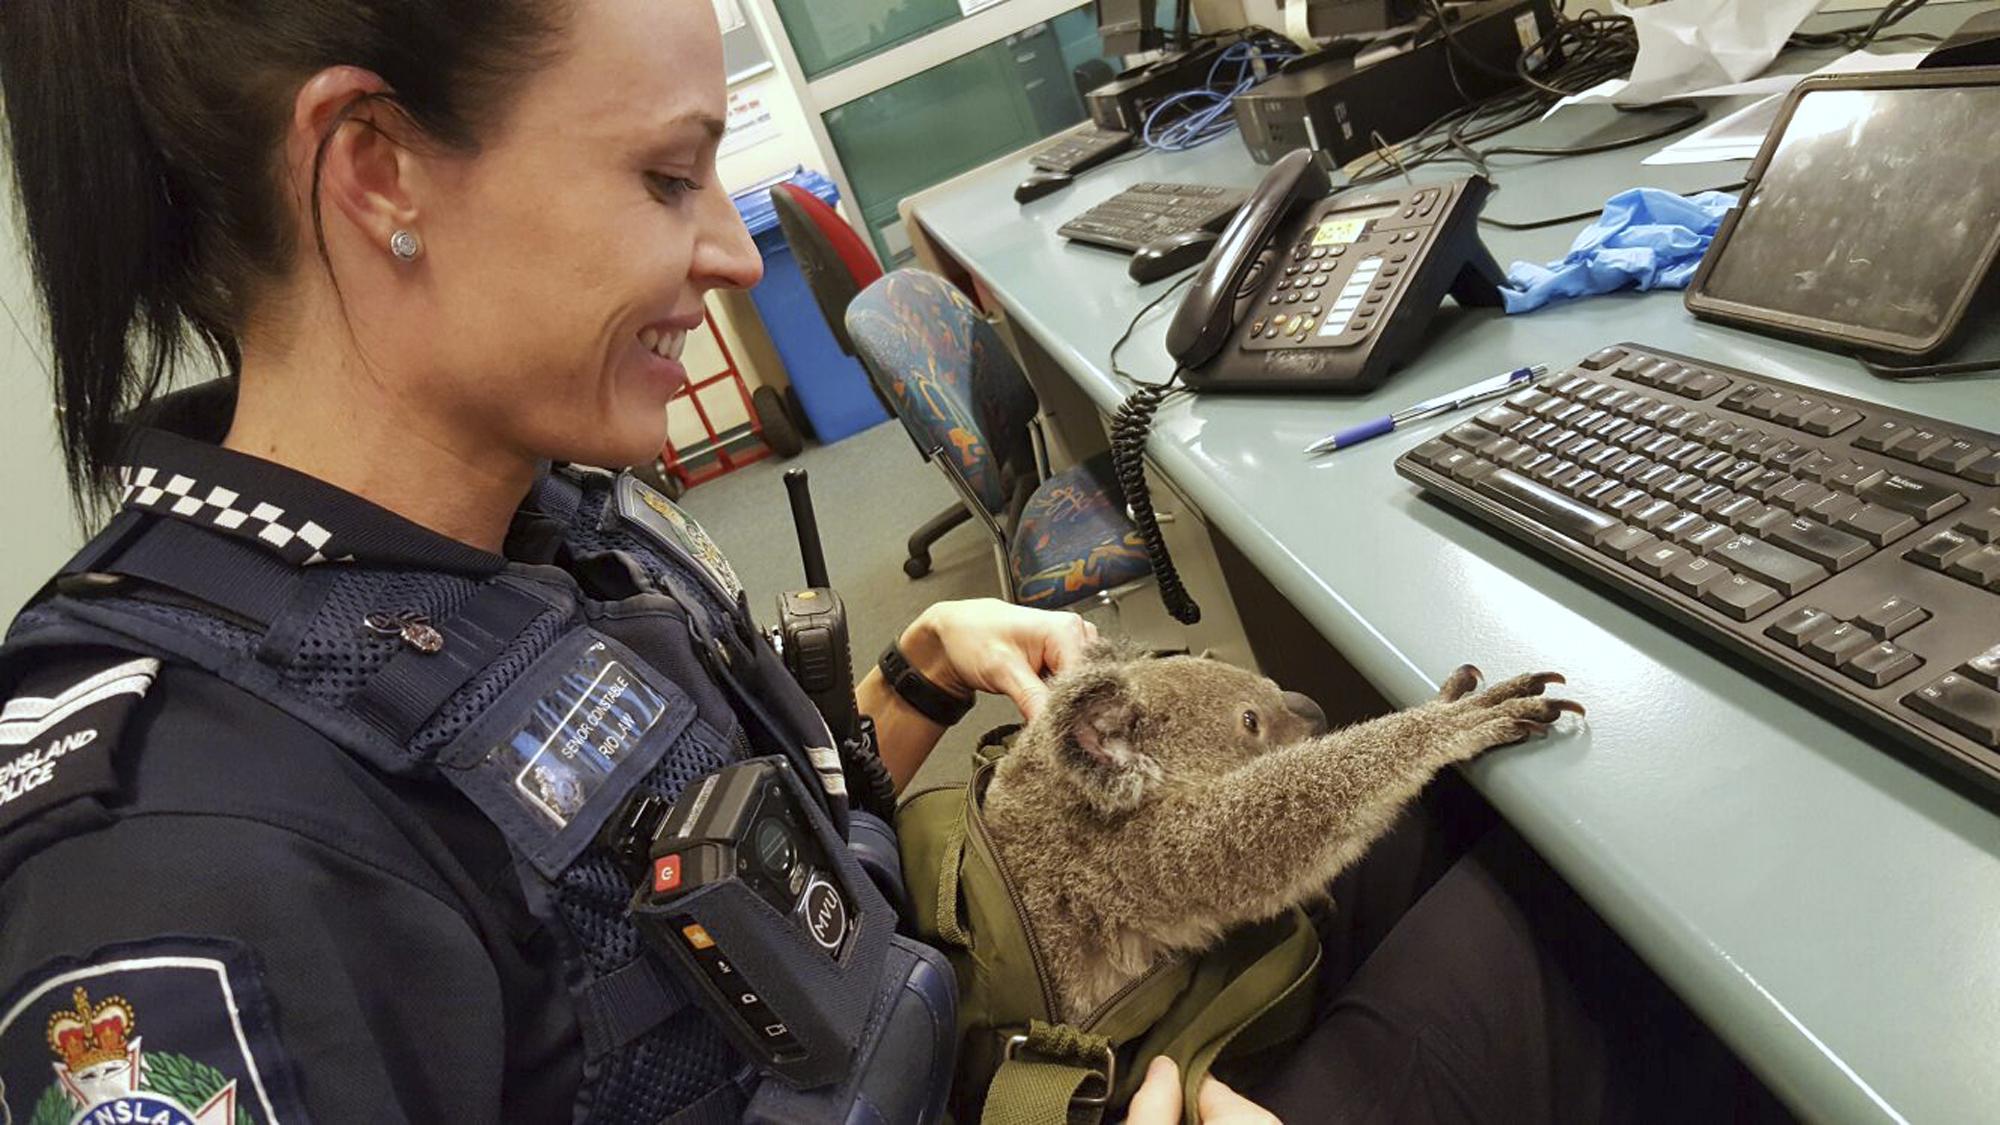 Detienen a una mujer que llevaba un koala en su mochila